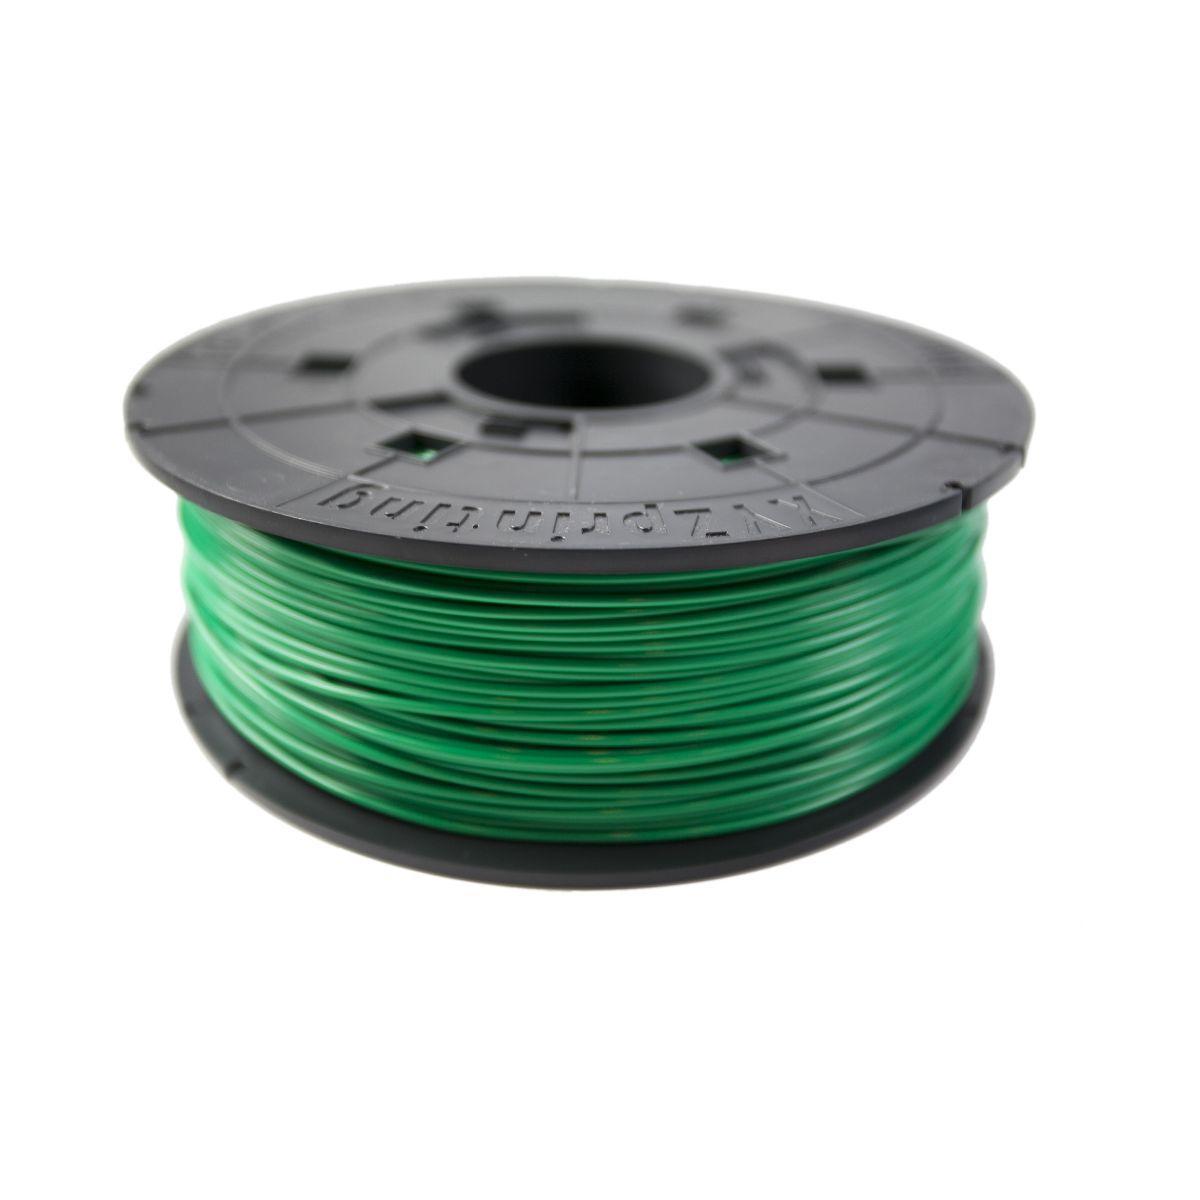 Filament 3d xyz printing filament abs vert clair - 20% de remi...